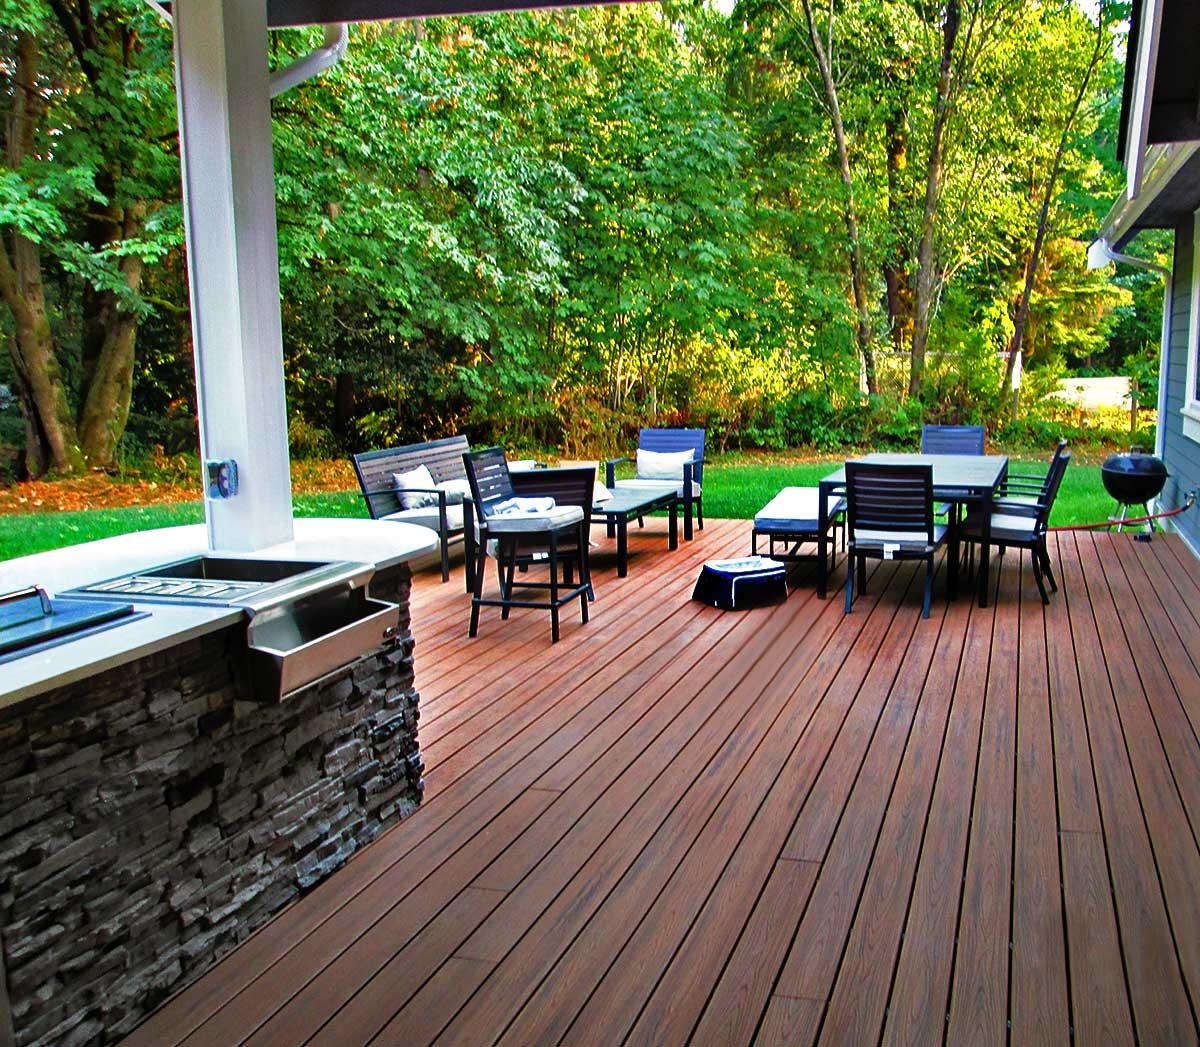 Gerber Residence-Back Deck Kitchenette & Dining Area Remodel